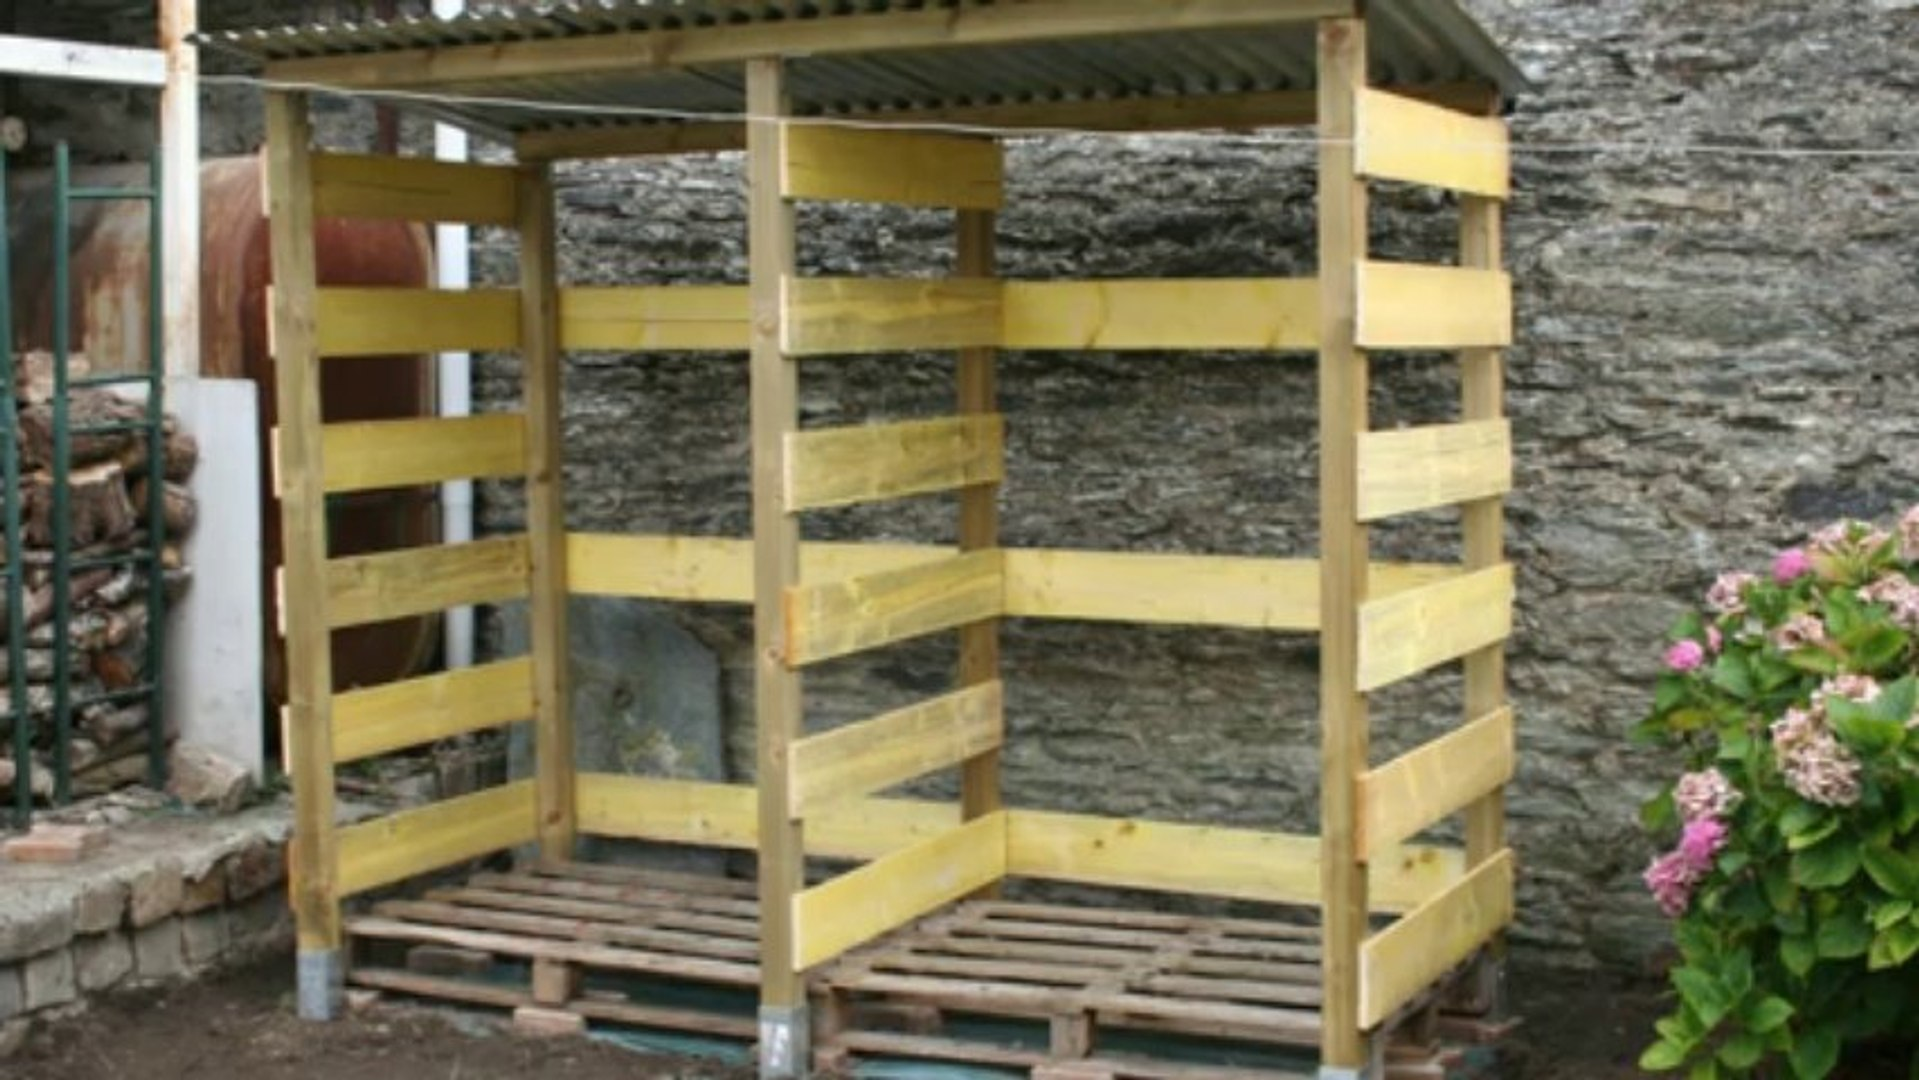 Fabriquer Un Abri Pour Velo 2013-09 construction d'un abri à bois de chauffage